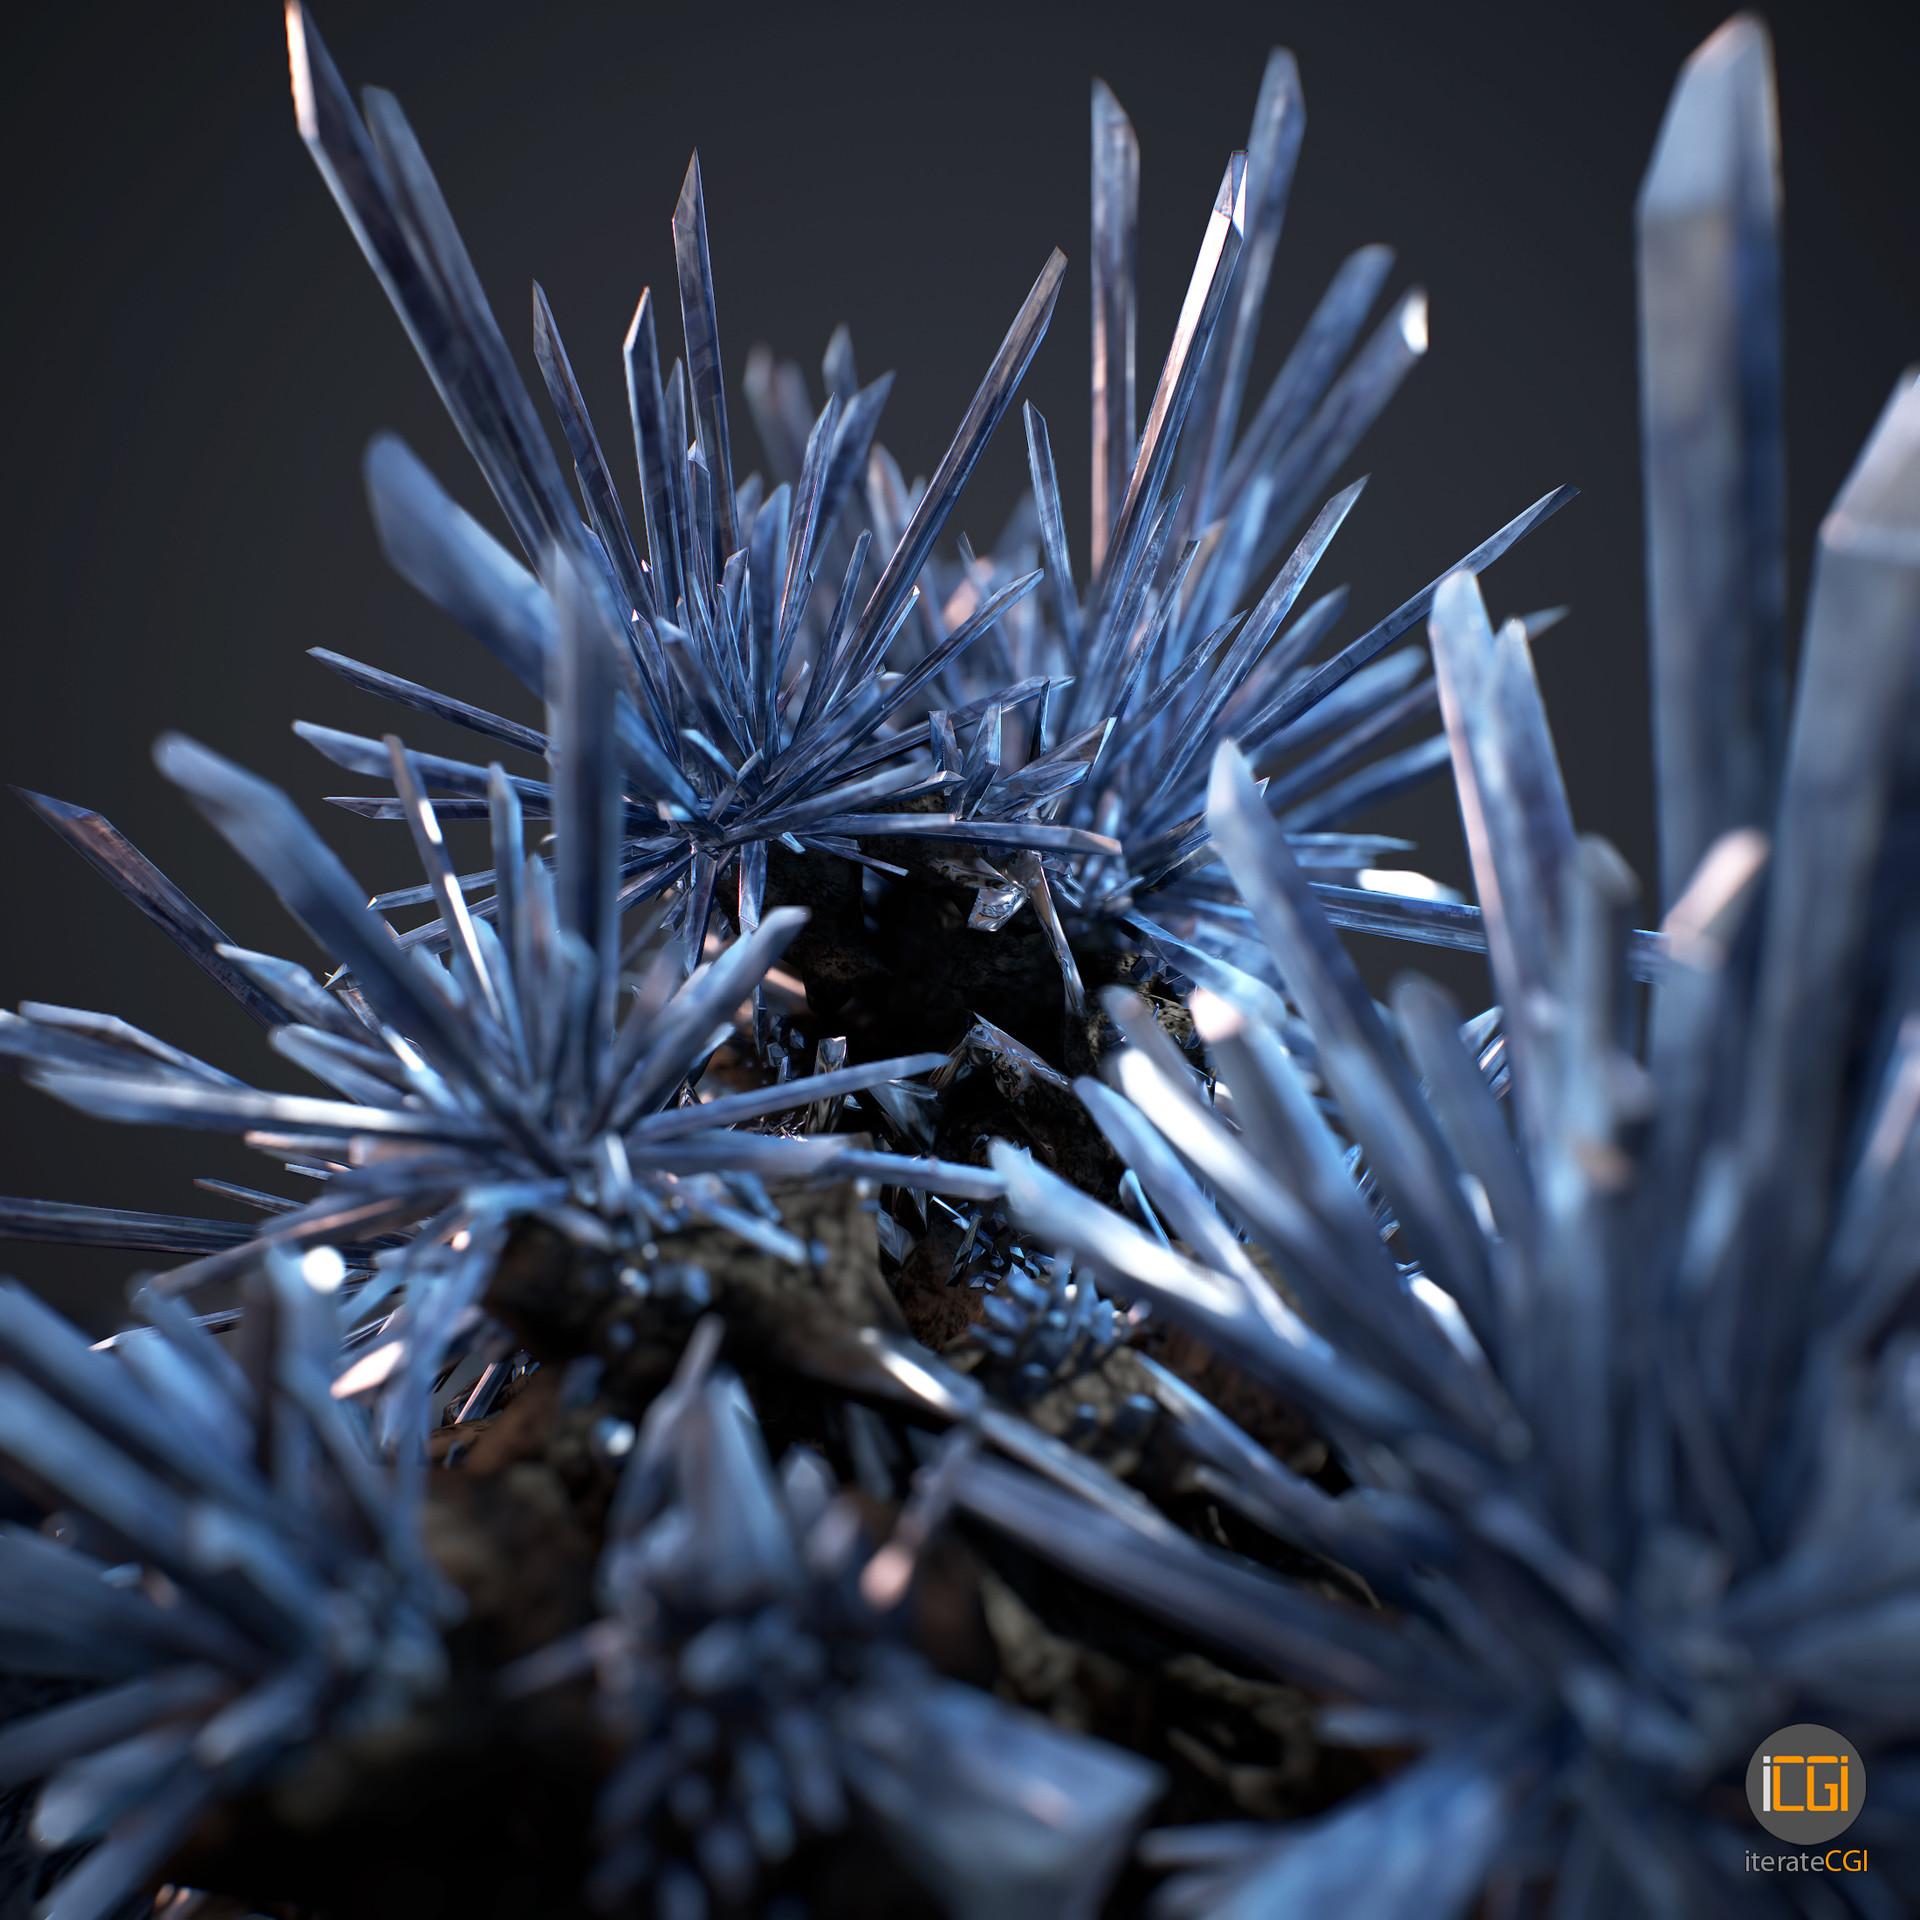 Johan de leenheer 3d cristals preview13